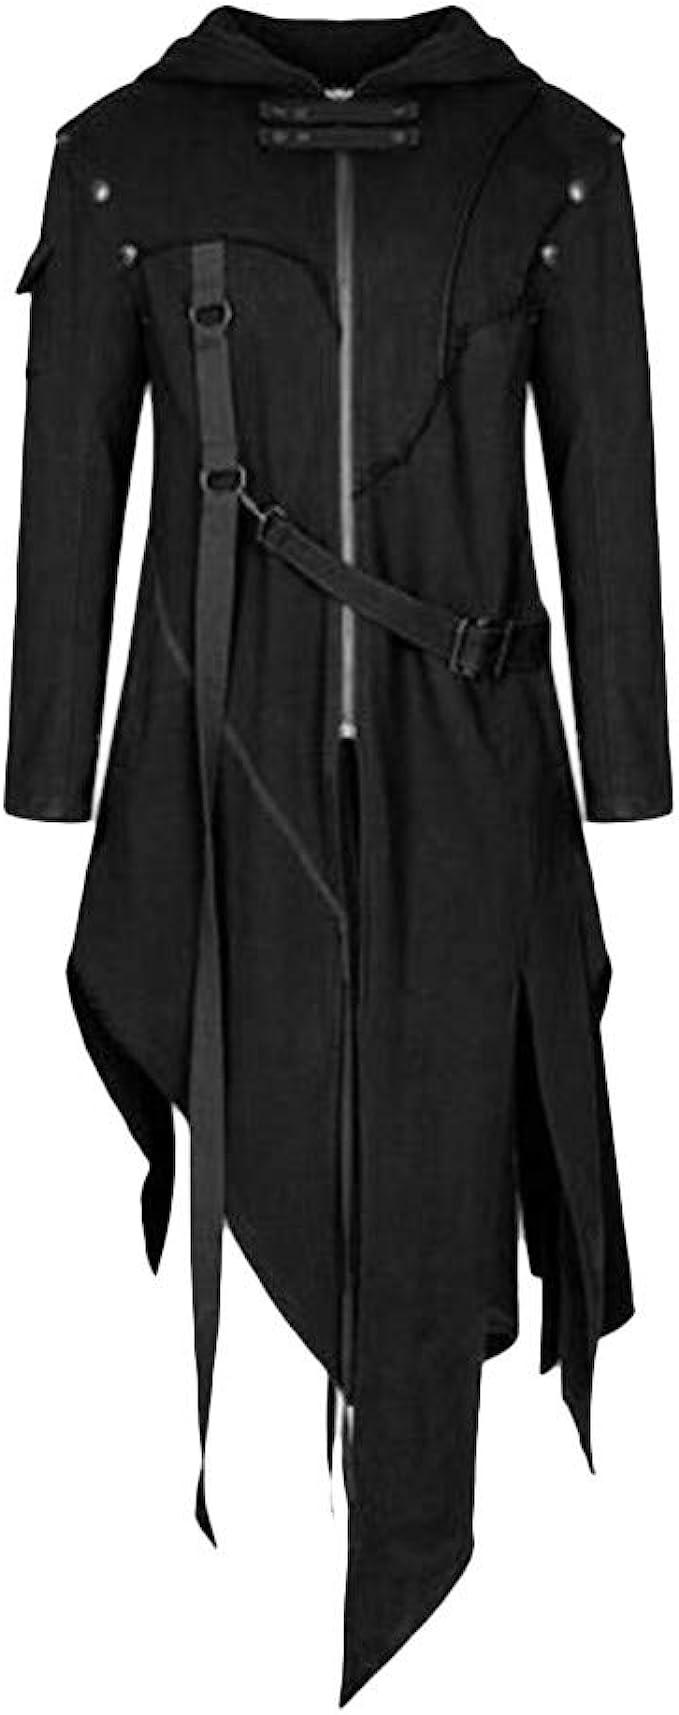 Cosplay Herren Gothic Steampunk Viktorianisch Jacke Mantel Militär Vintage Weich